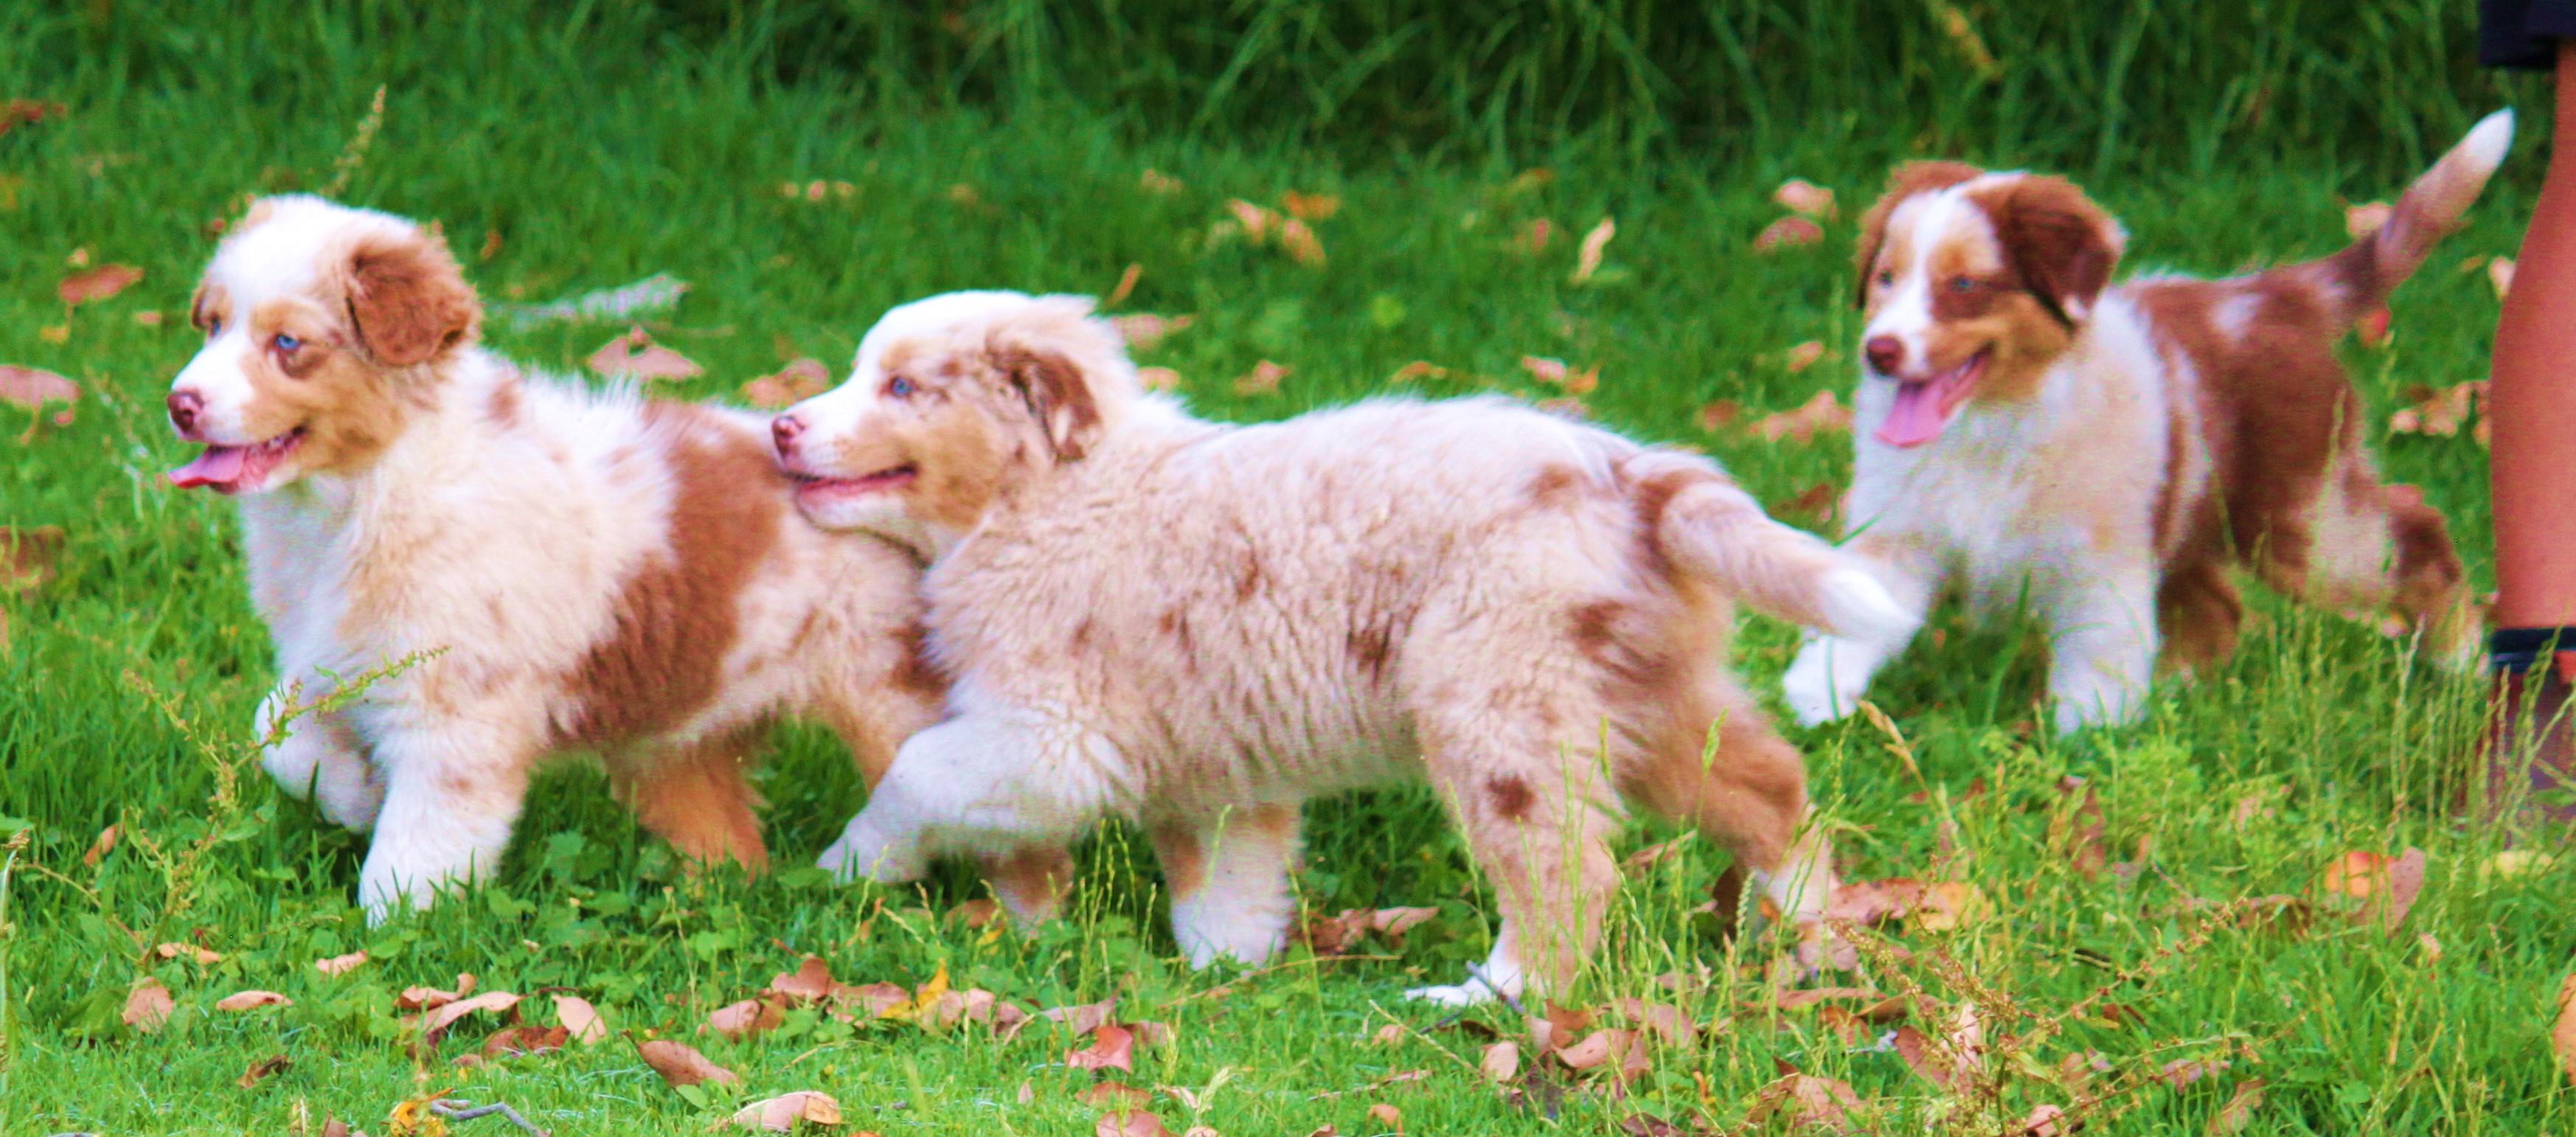 Zenderland Puppies Australian Shepherds gallery image